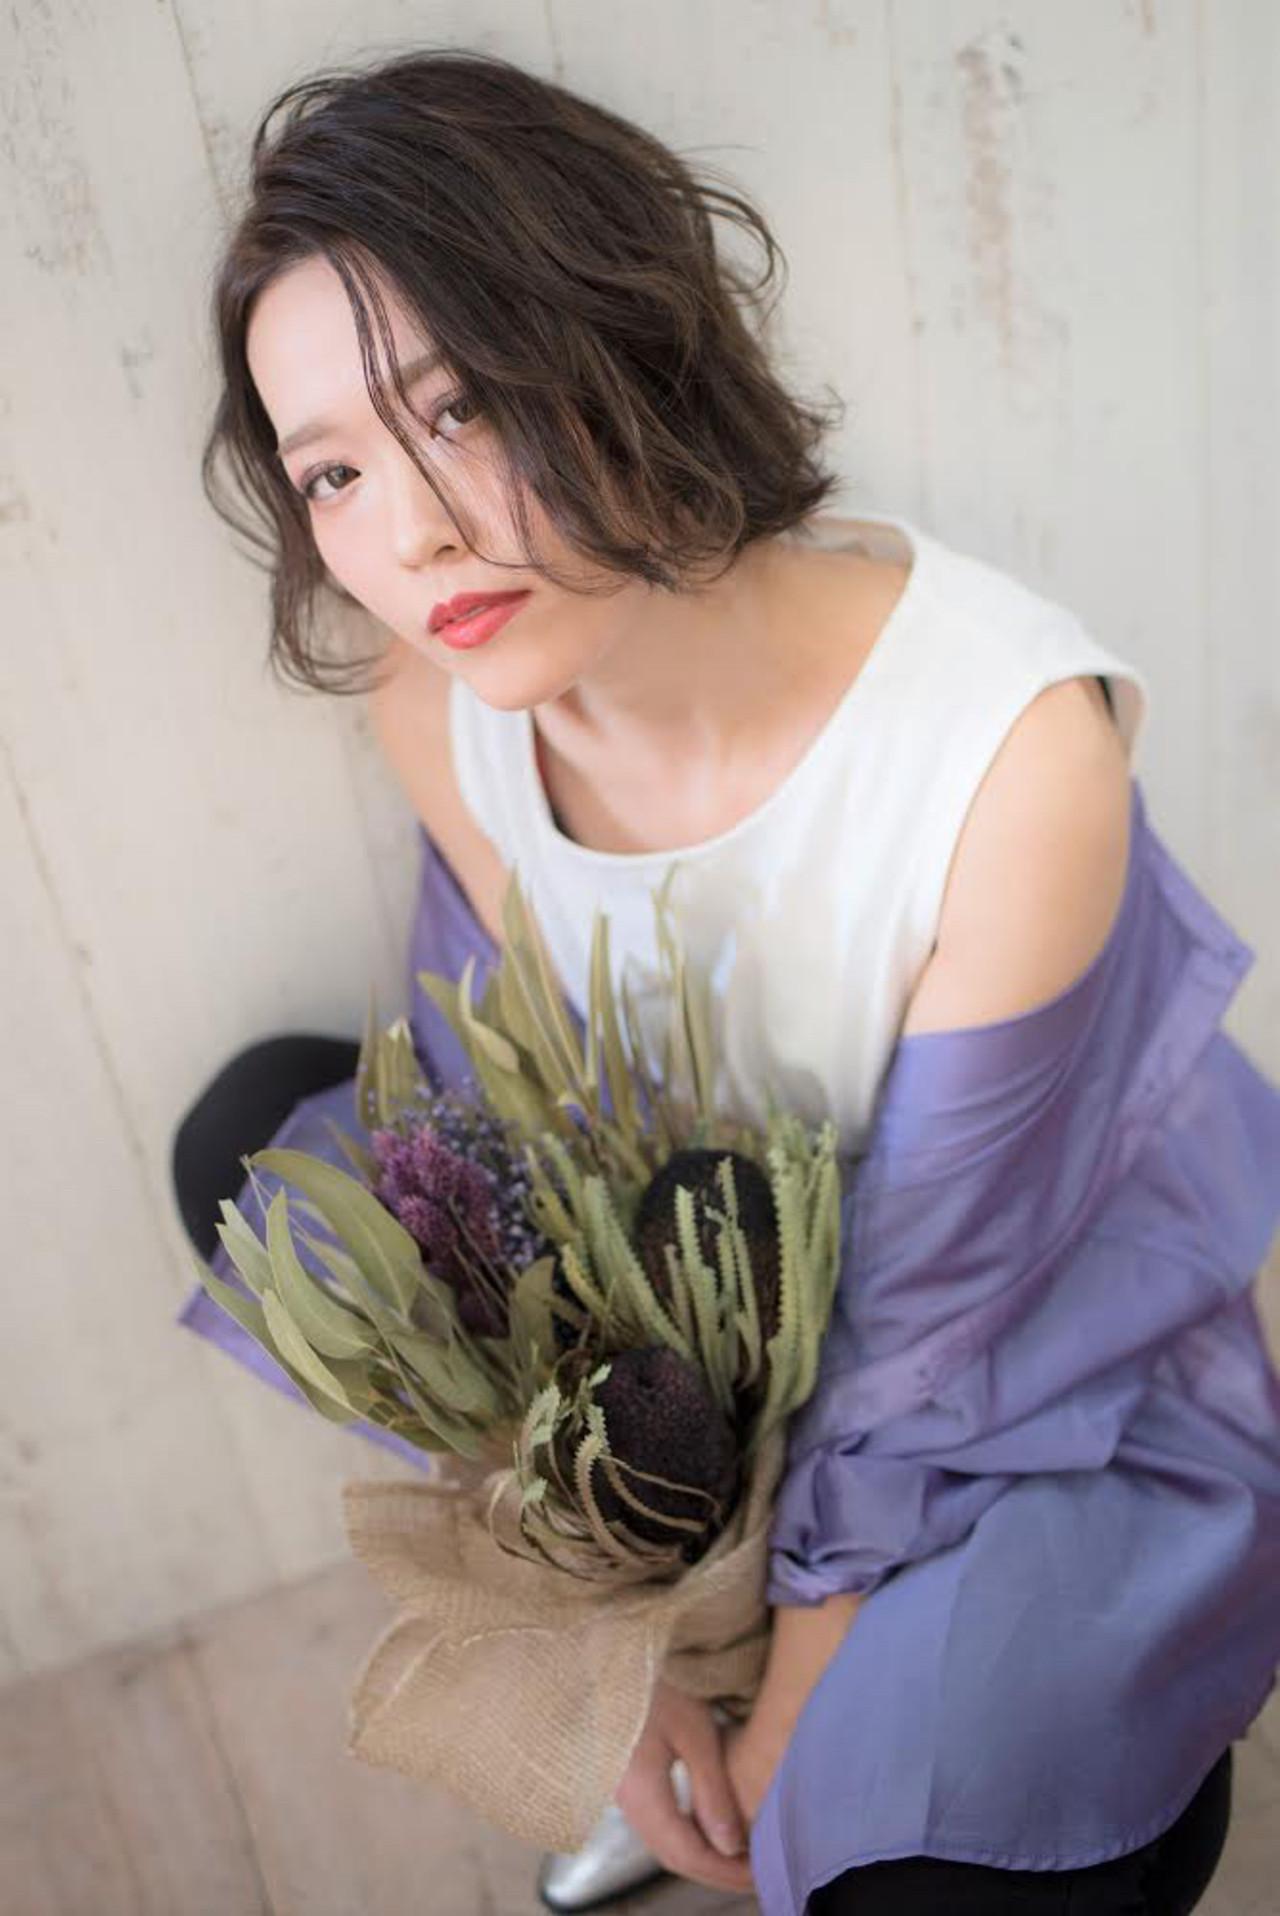 ボブ 切りっぱなしボブ ショートボブ ミニボブ ヘアスタイルや髪型の写真・画像 | PSYCHE KOZENI YUKO / psyche    大阪   /  中崎町 /  梅田